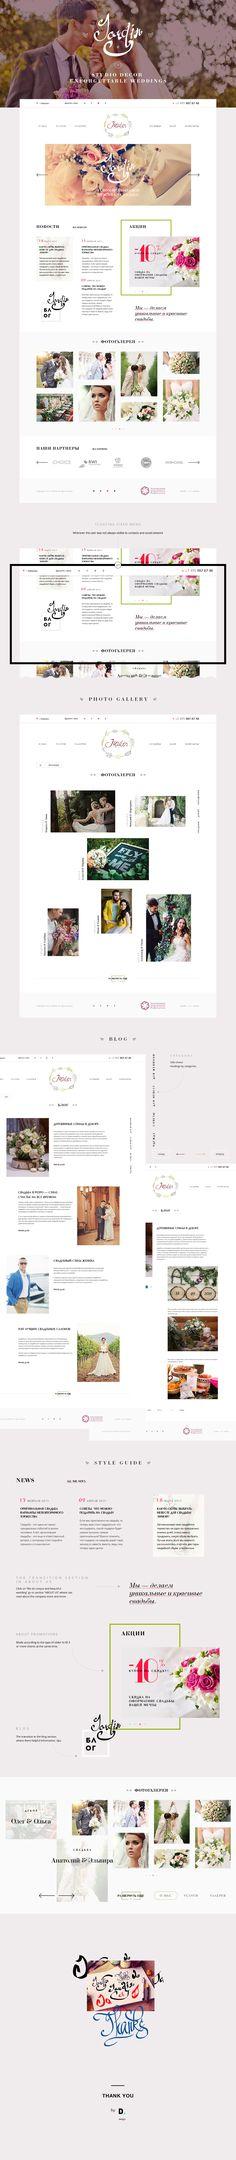 Wedding Agency on Behance